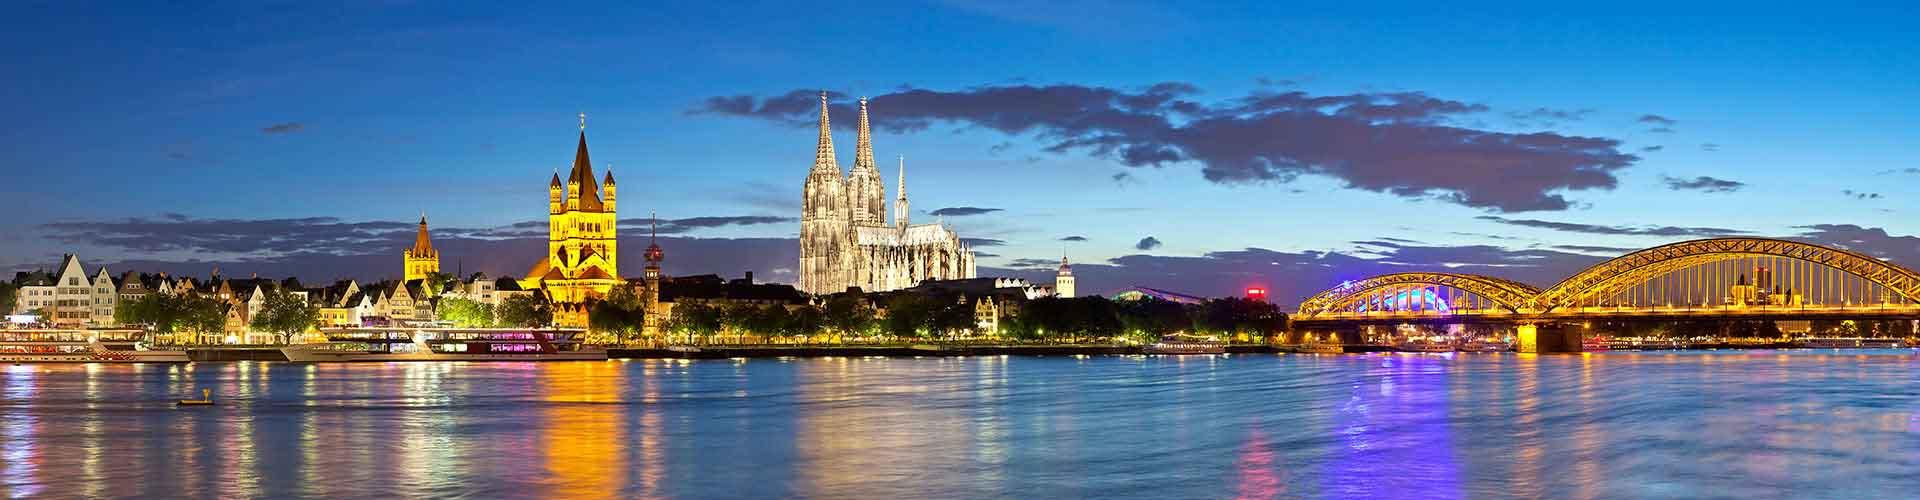 Köln – Hostellit kaupungiosassa Riehl. Köln -karttoja, valokuvia ja arvosteluja kaikista Köln -hostelleista.